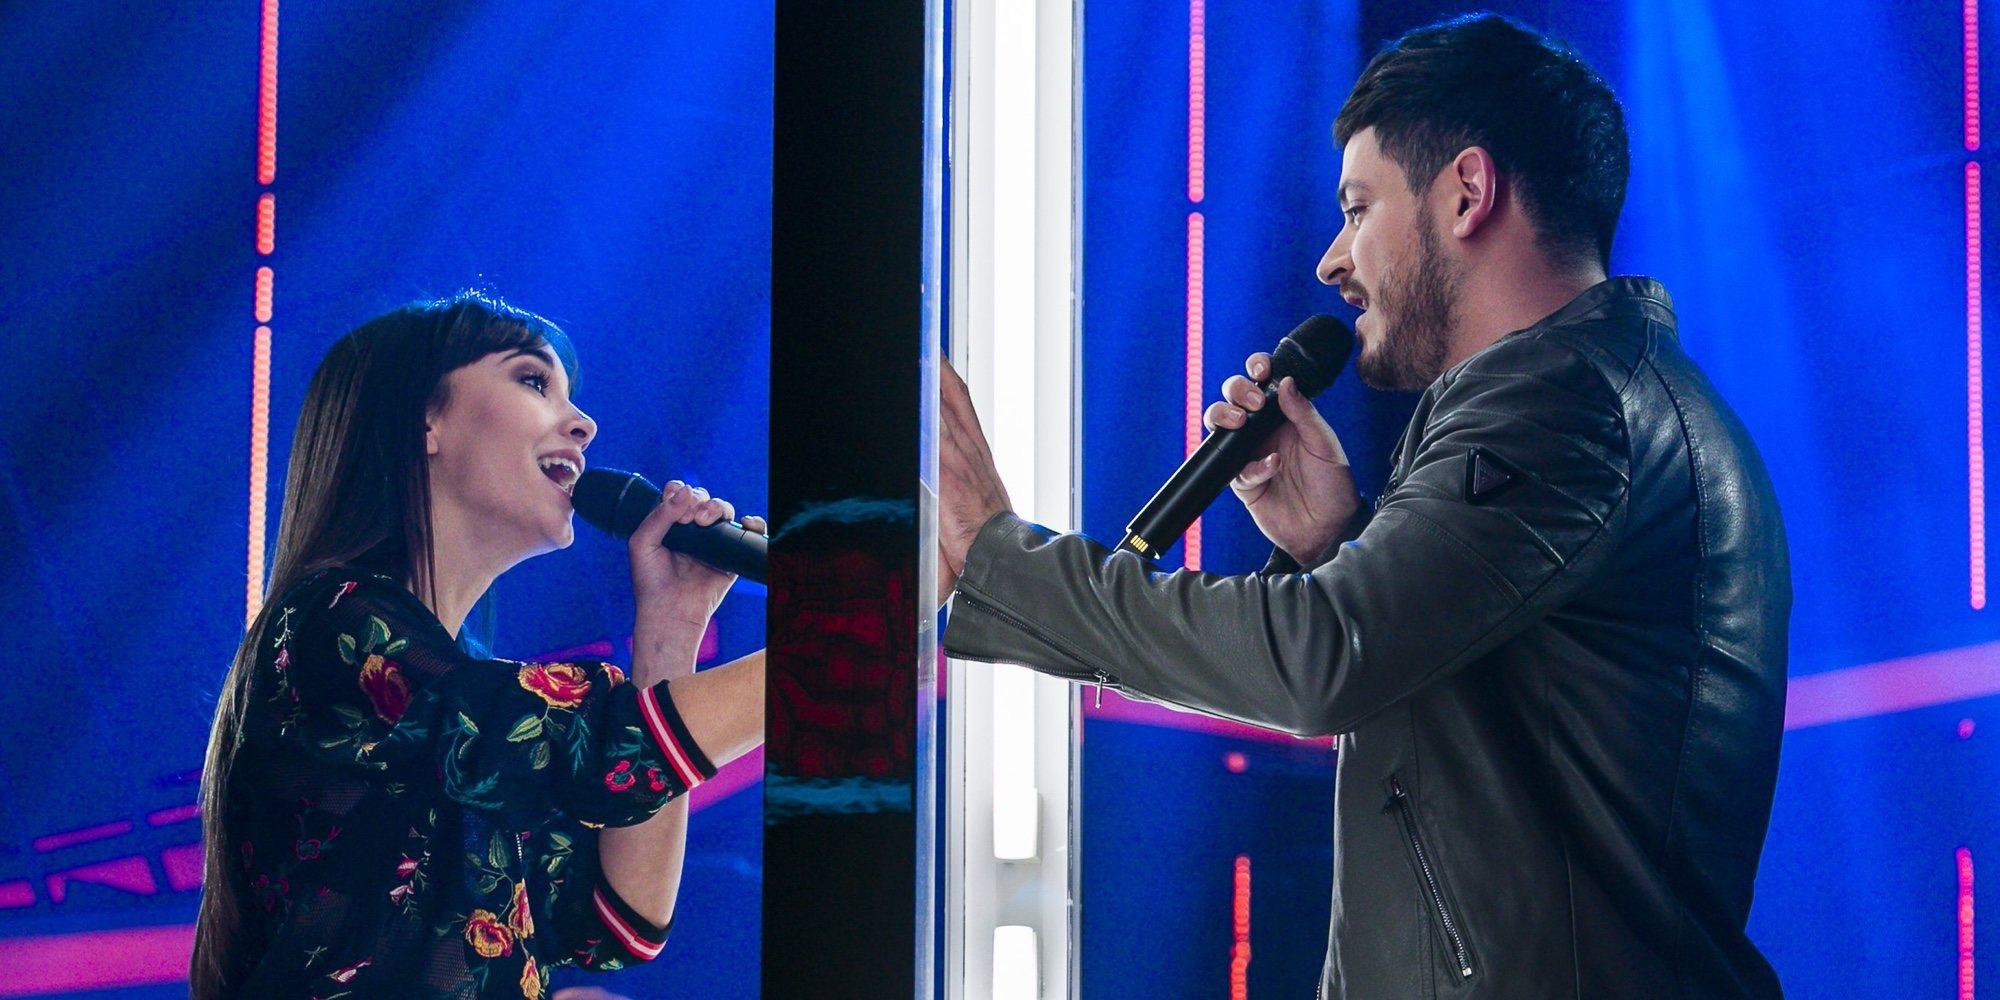 Aitana y Cepeda se besan por primera vez en público durante los ensayos del concierto de 'Operación Triunfo'